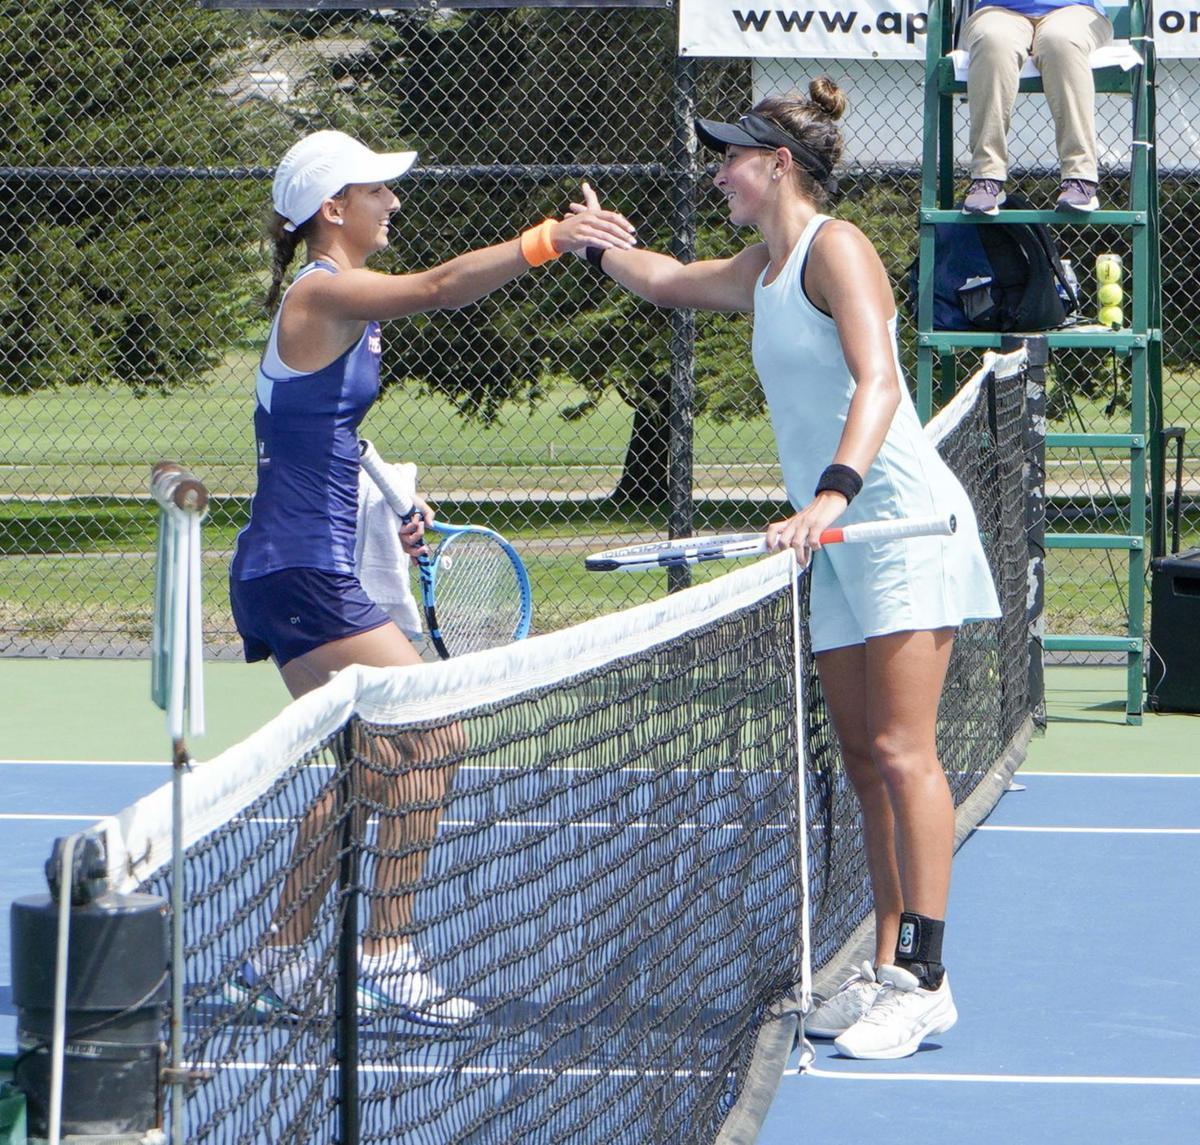 090219 Tennis-Santa Maris Open 02.jpg